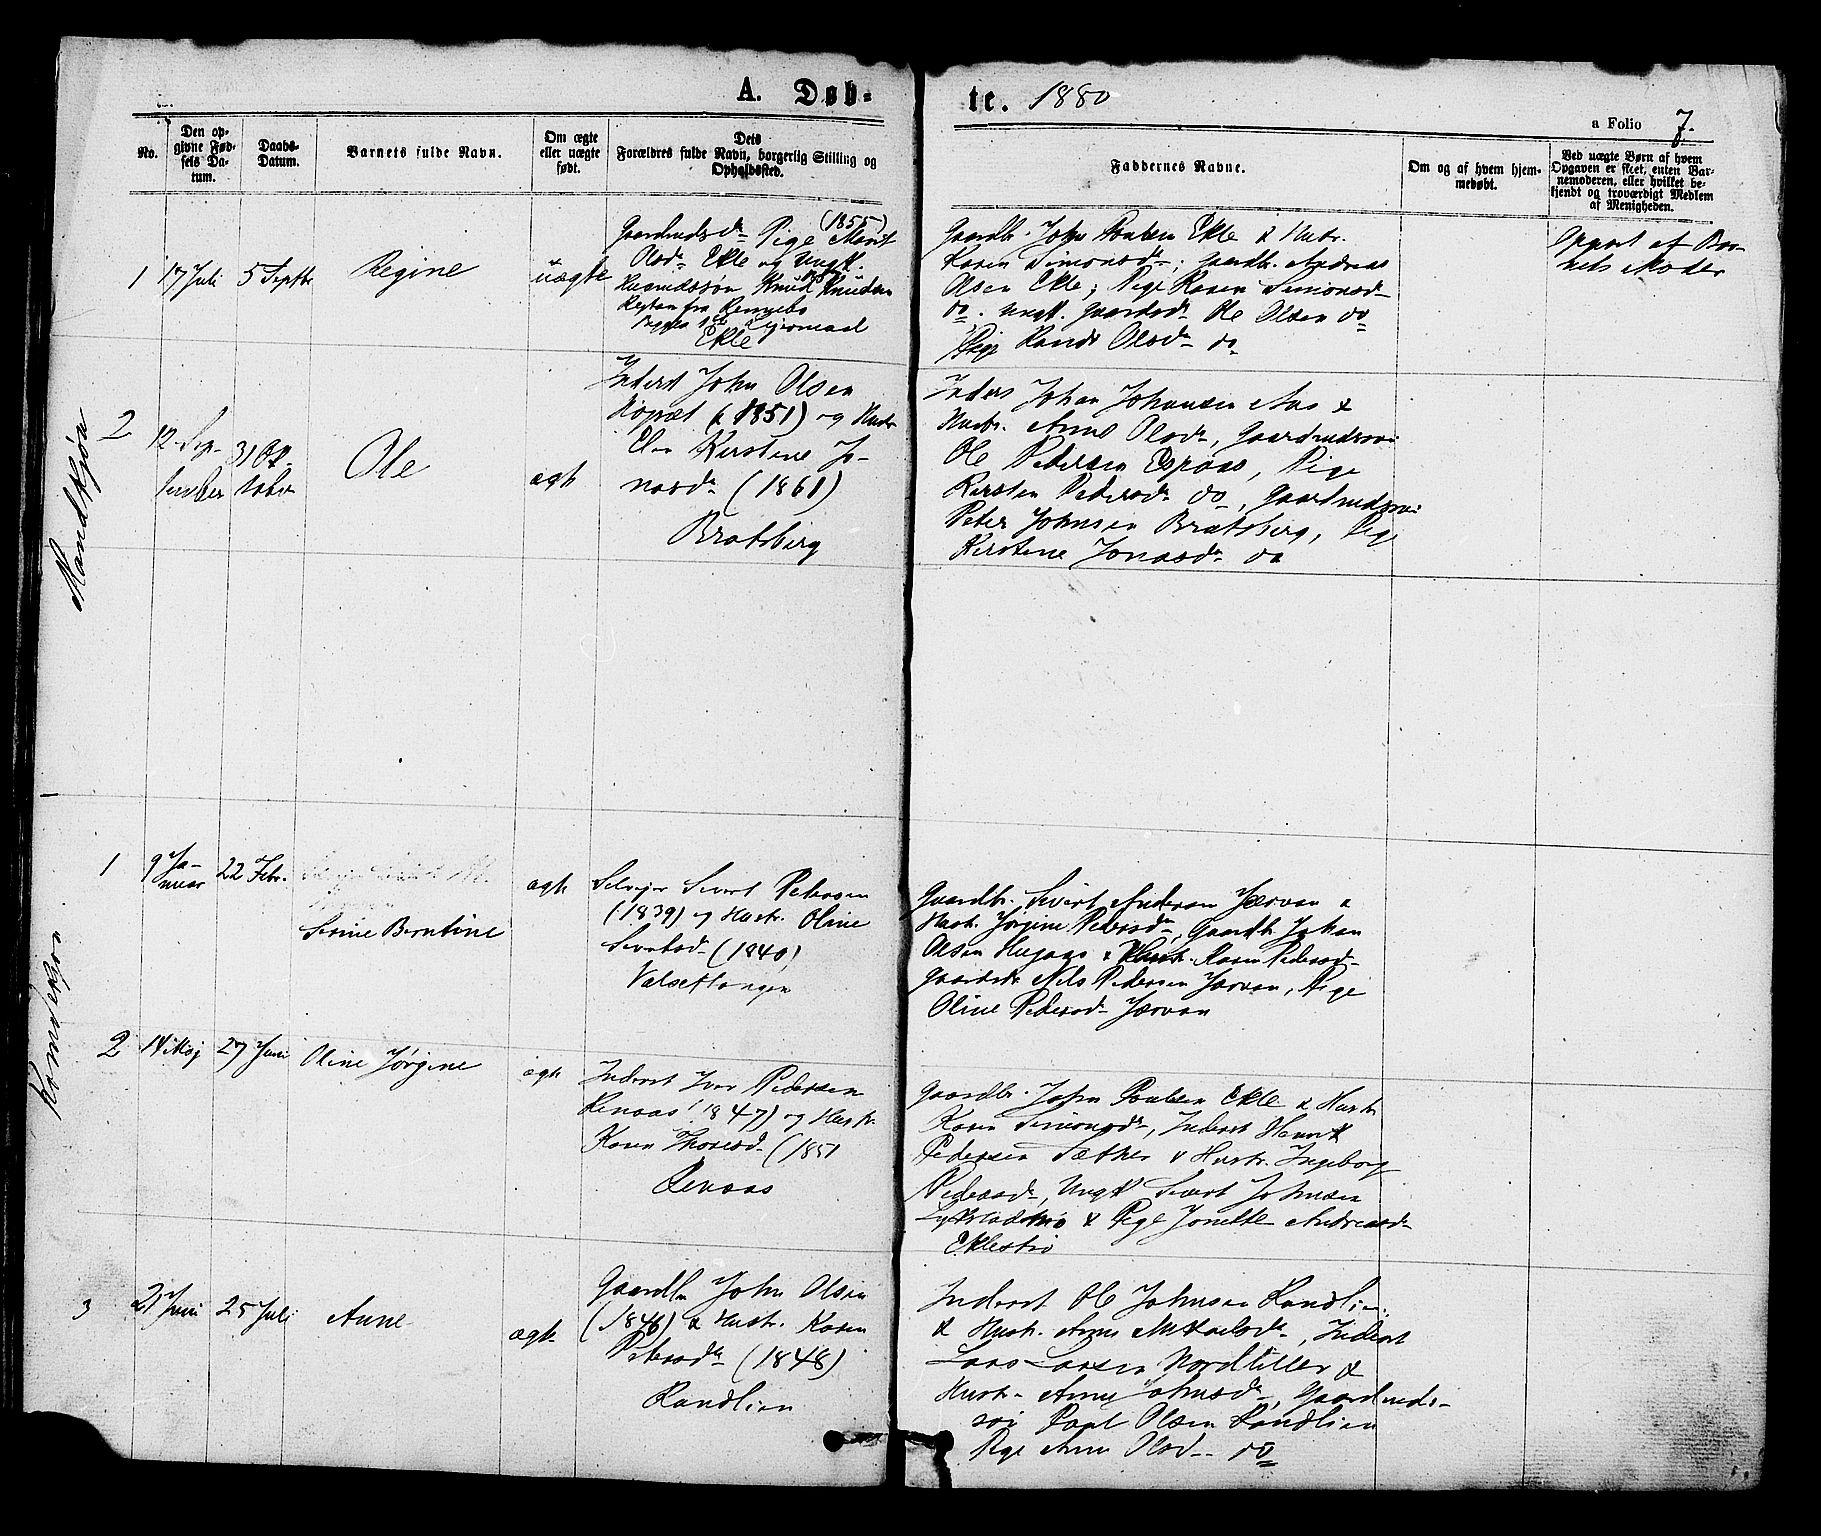 SAT, Ministerialprotokoller, klokkerbøker og fødselsregistre - Sør-Trøndelag, 608/L0334: Ministerialbok nr. 608A03, 1877-1886, s. 7